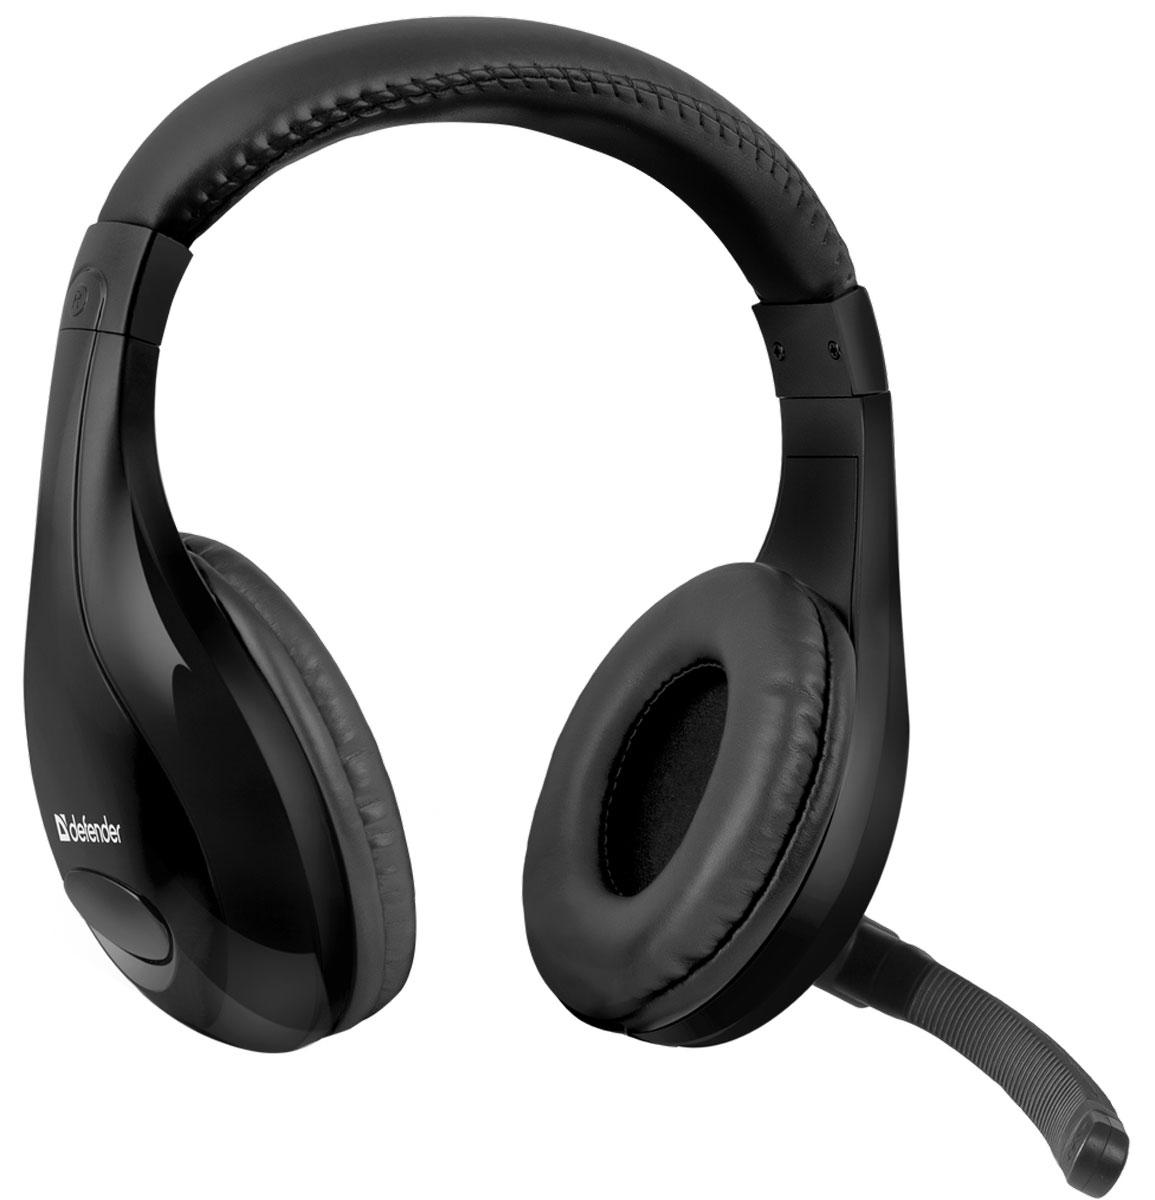 Defender Warhead G-170, Black игровая гарнитура64114Игровая гарнитура Defender Warhead G-170 предназначена для компьютеров нового поколения, использующих комбинированный четырехпиновый разъем для наушников и микрофона. Благодаря надежной звукоизоляции и комфортным амбюшурам вы сможете играть или слушать музыку с комфортом - ничто не будет вам мешать!Частотный диапазон микрофона: 20 Гц - 16 кГцСопротивление микрофона: 2,2 кОмаЧувствительность микрофона: 54 дБ